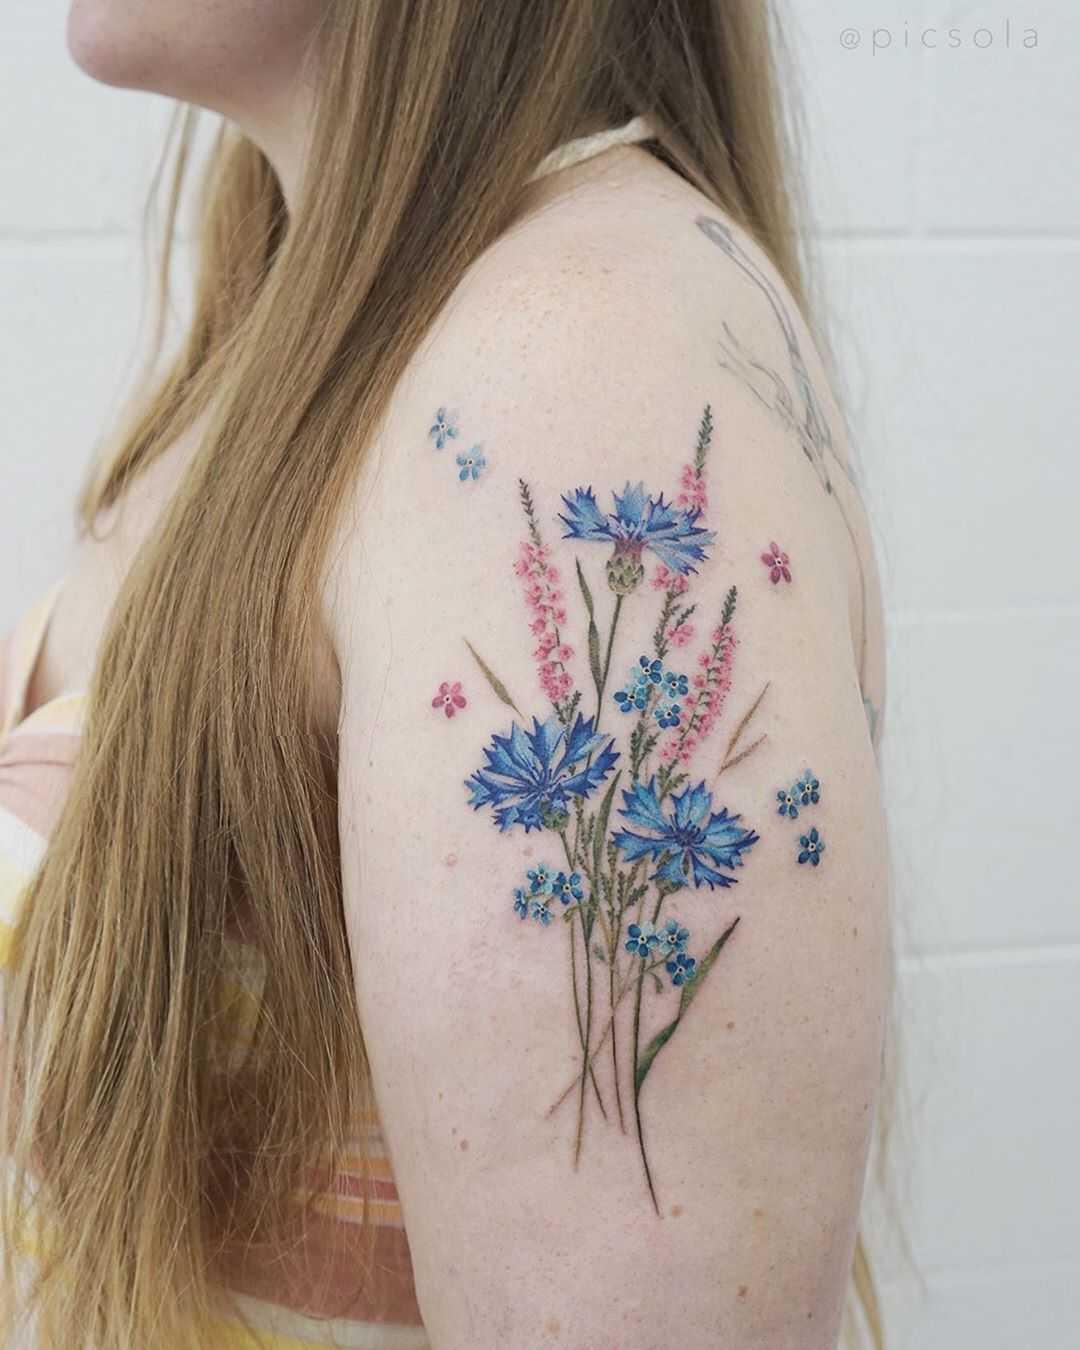 Wild flowers tattoo by tattooist picsola